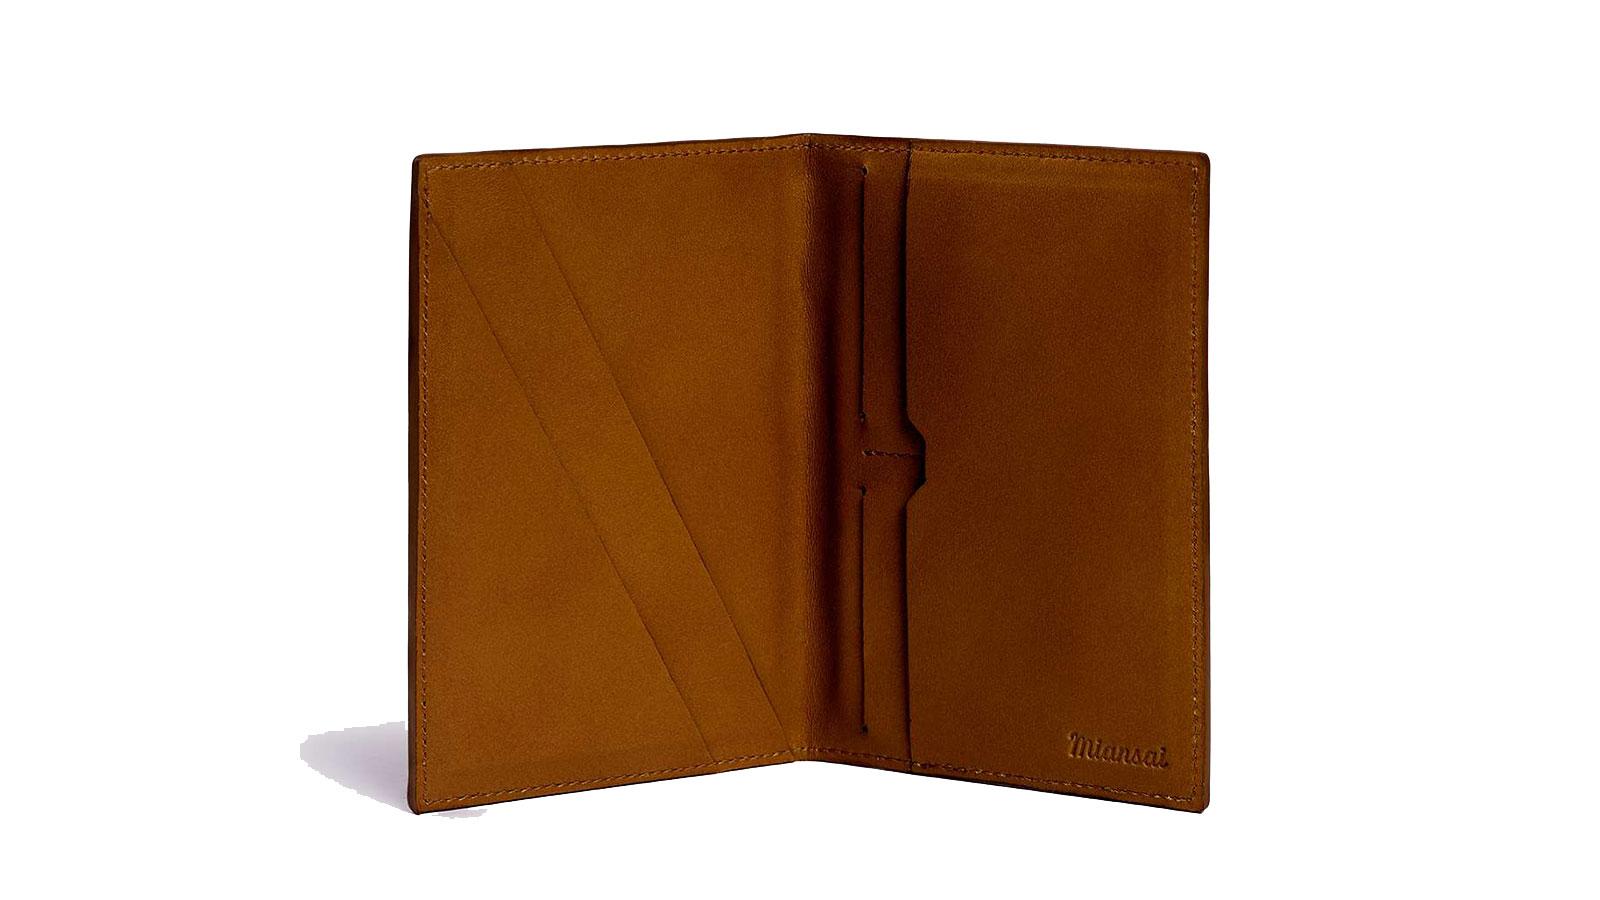 Miansai Modern Passport Wallet | best passport holders for men